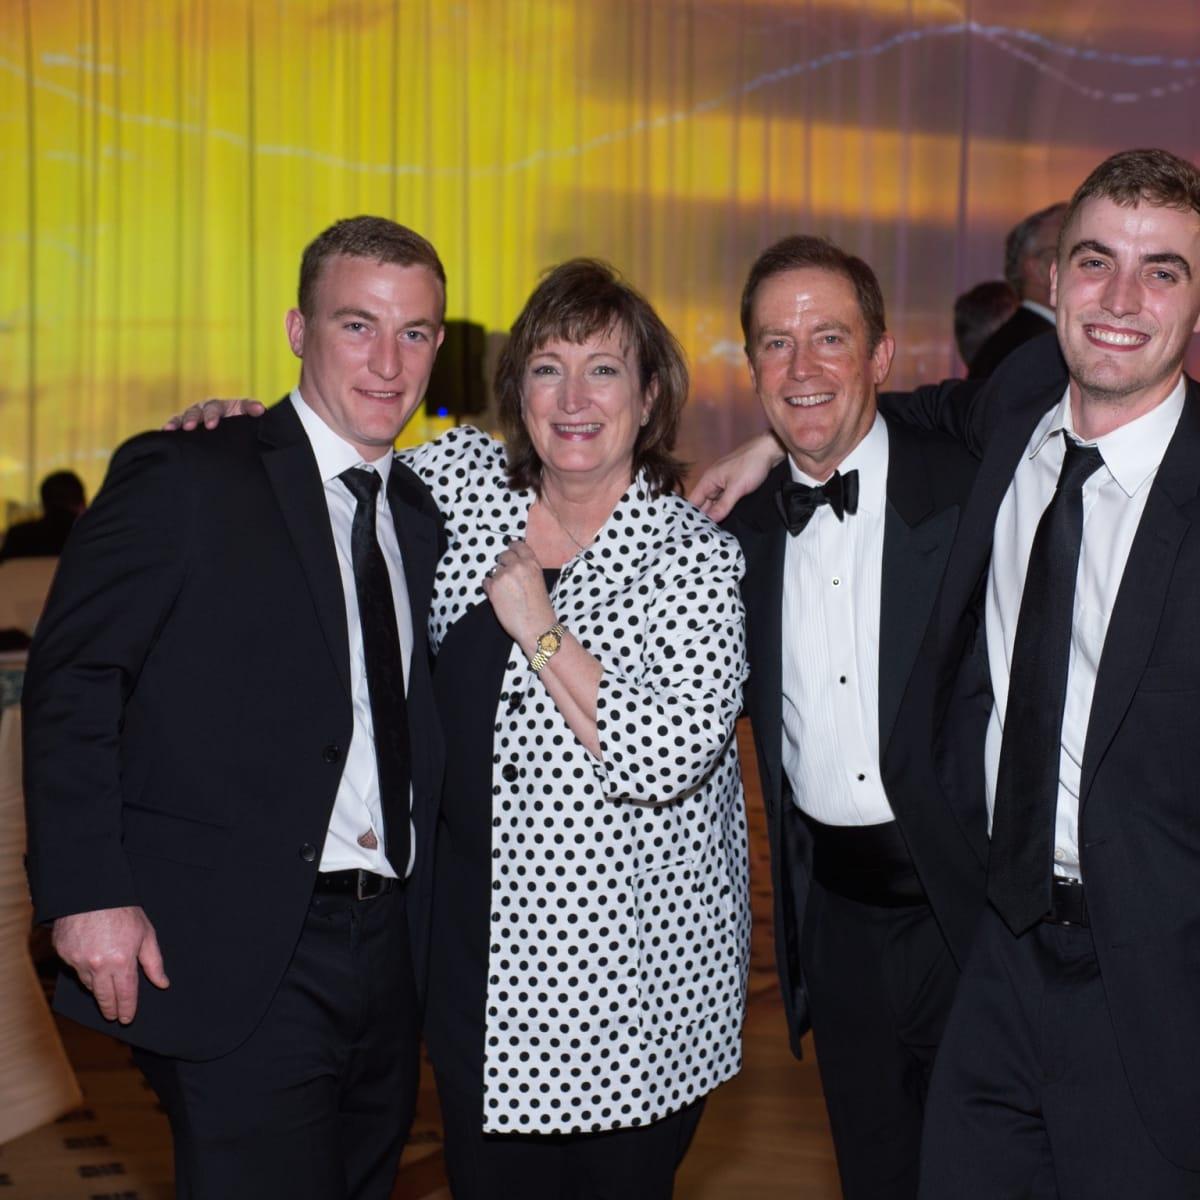 Corey Hamilton, Tonya and Hank Hamilton, Luke Hamilton at Covenant House Gala 2017